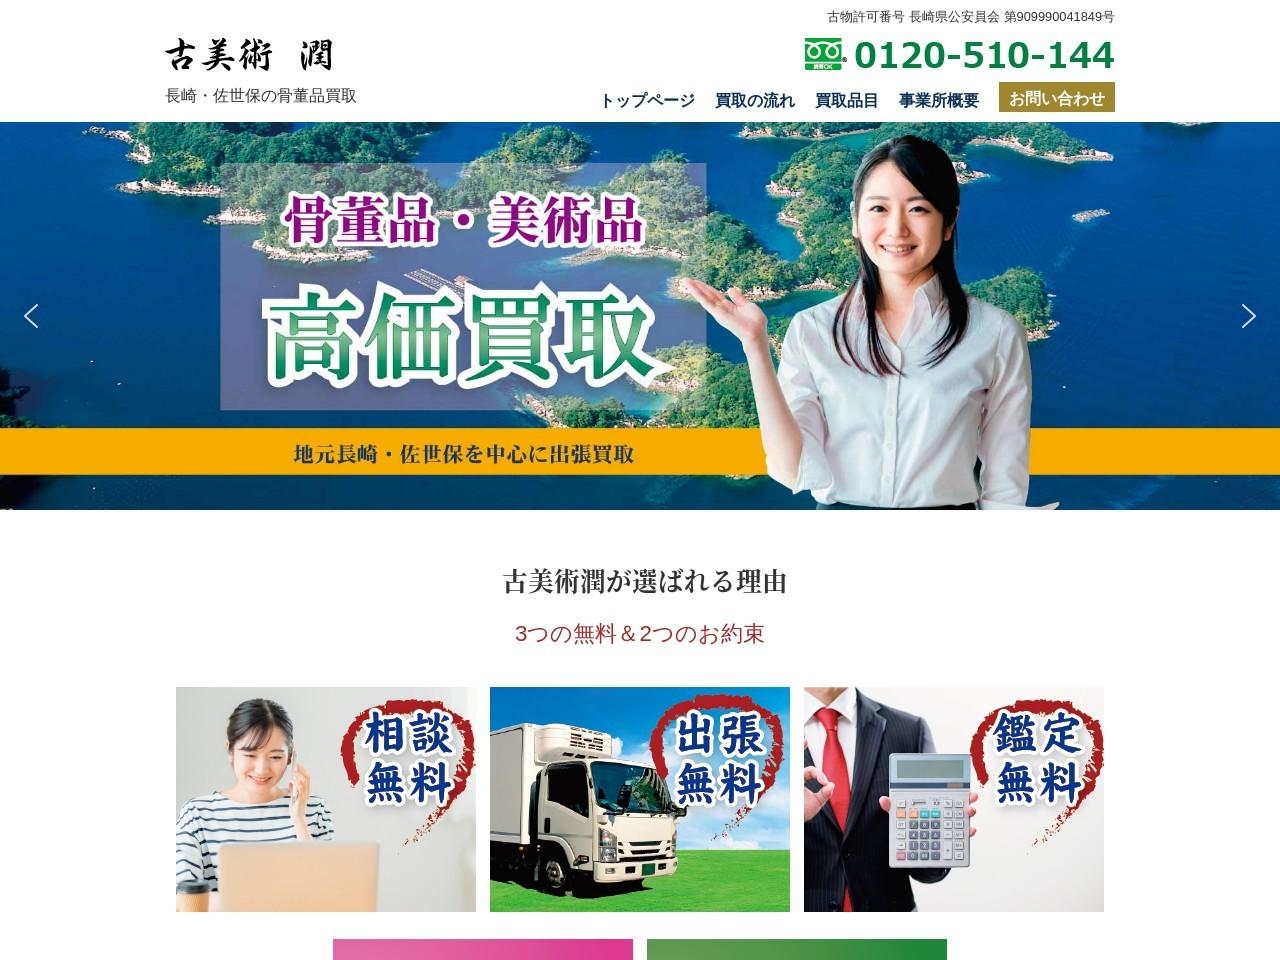 長崎県で骨董品美術品高価買取骨董買取専門長崎にお任せ下さい